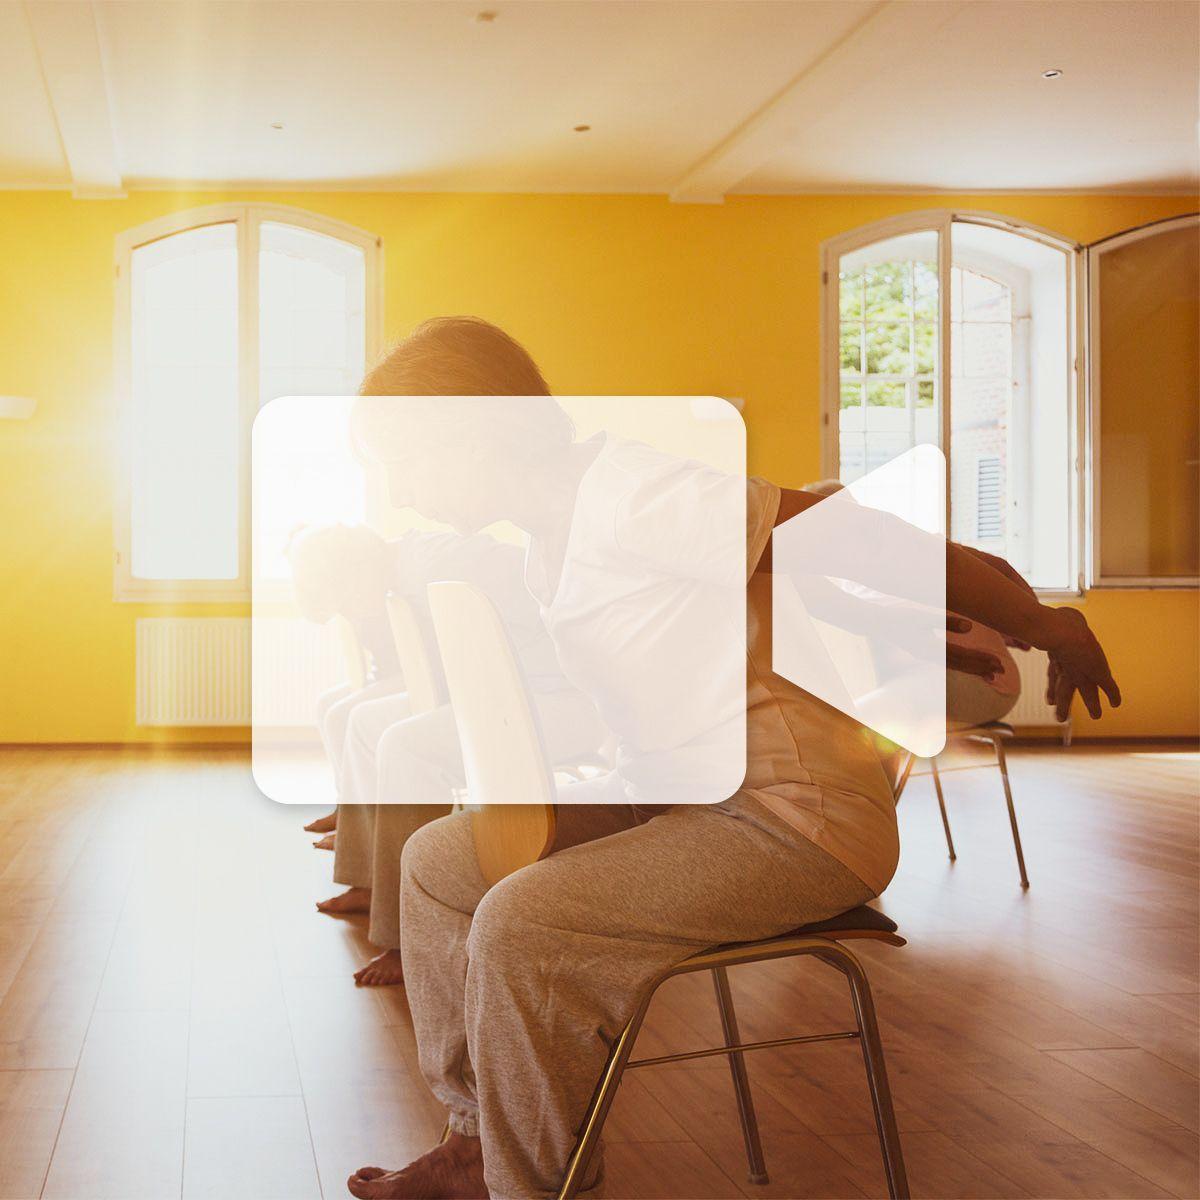 En ligne - Yoga sur chaise